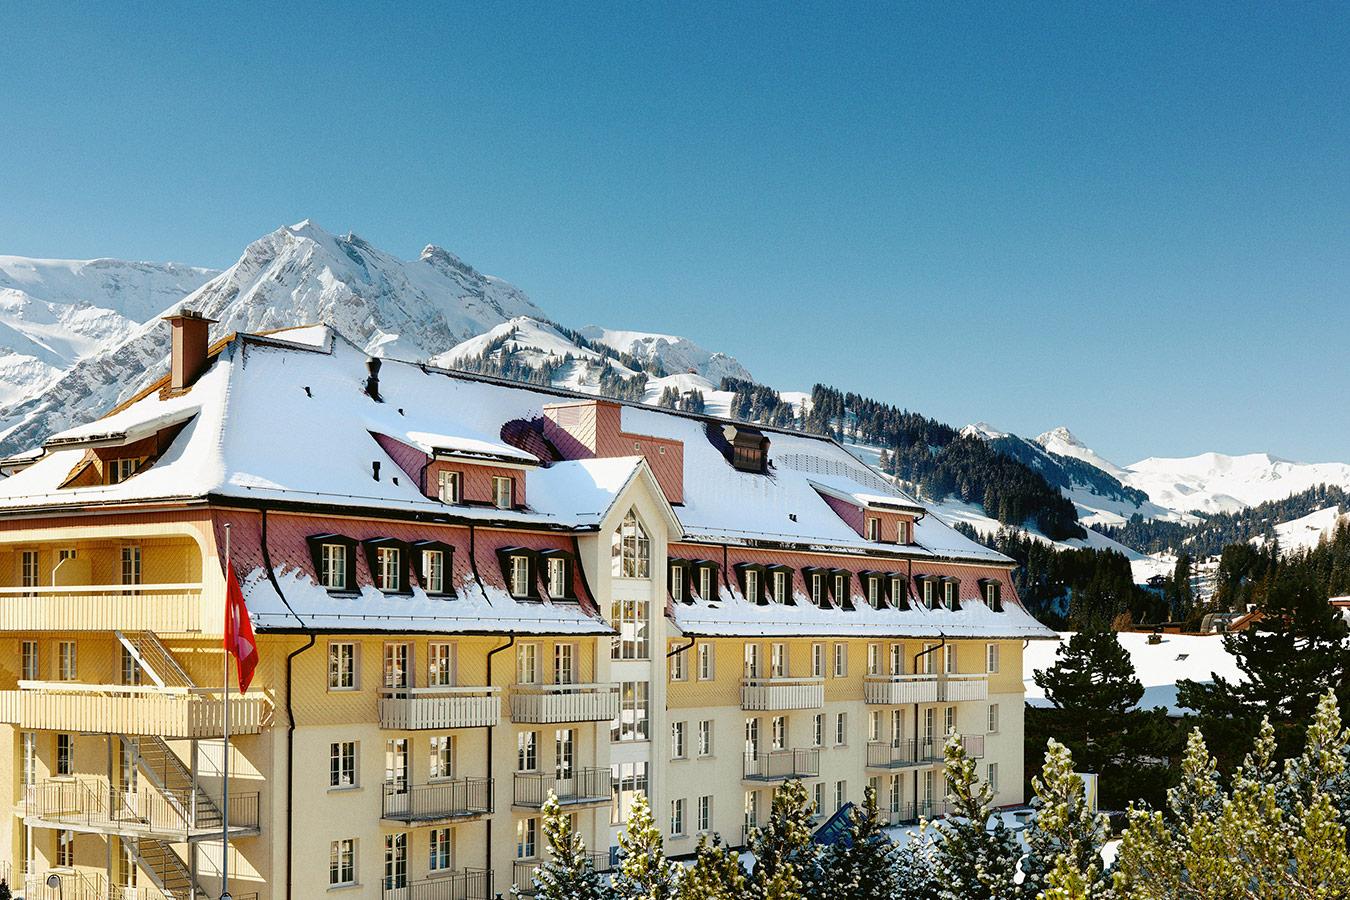 h_3_cambrian_hotel_adelboden_switzerland.jpg